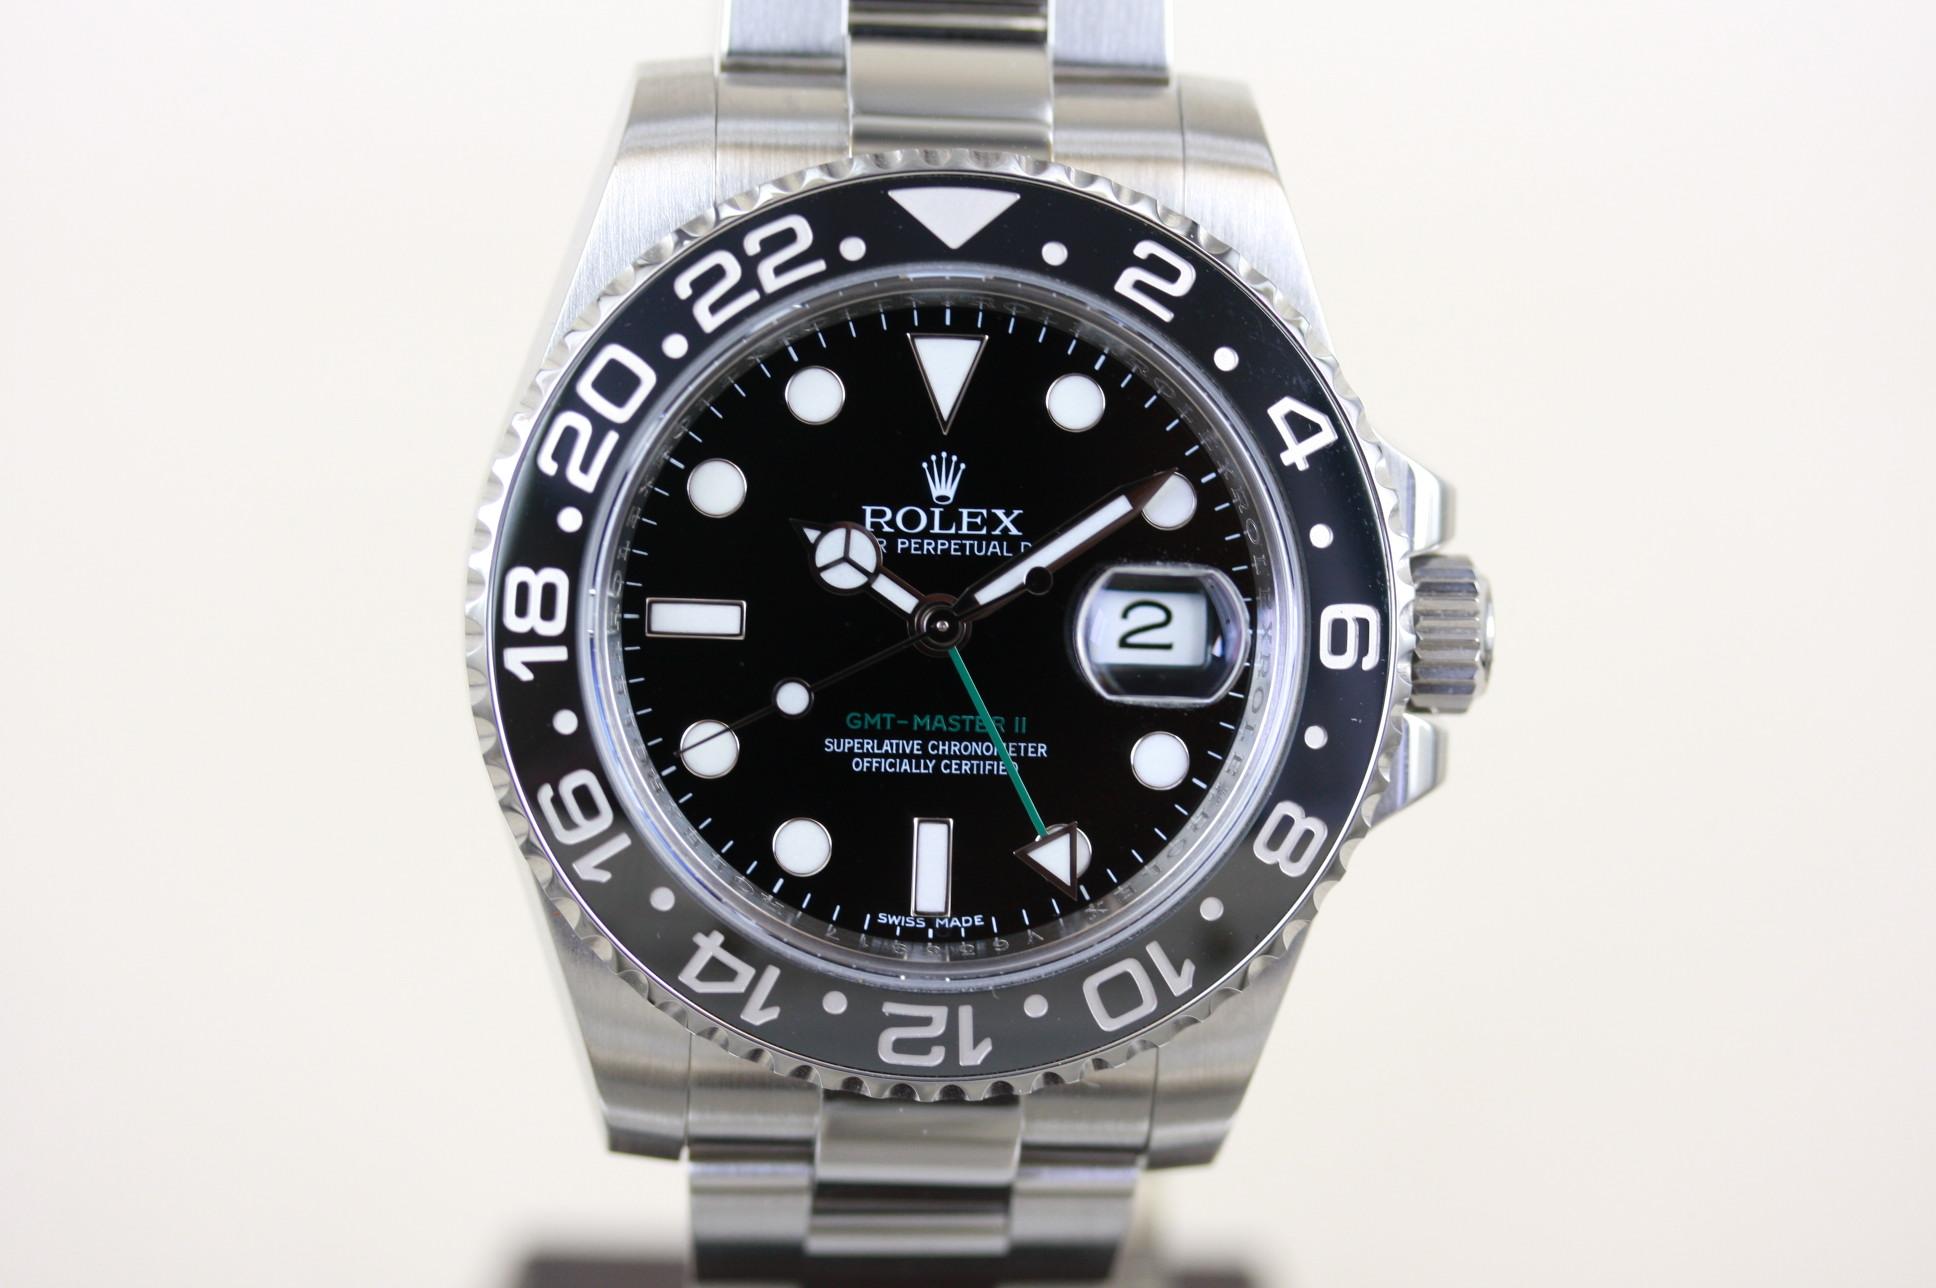 GMTマスター2 116710LN  V番